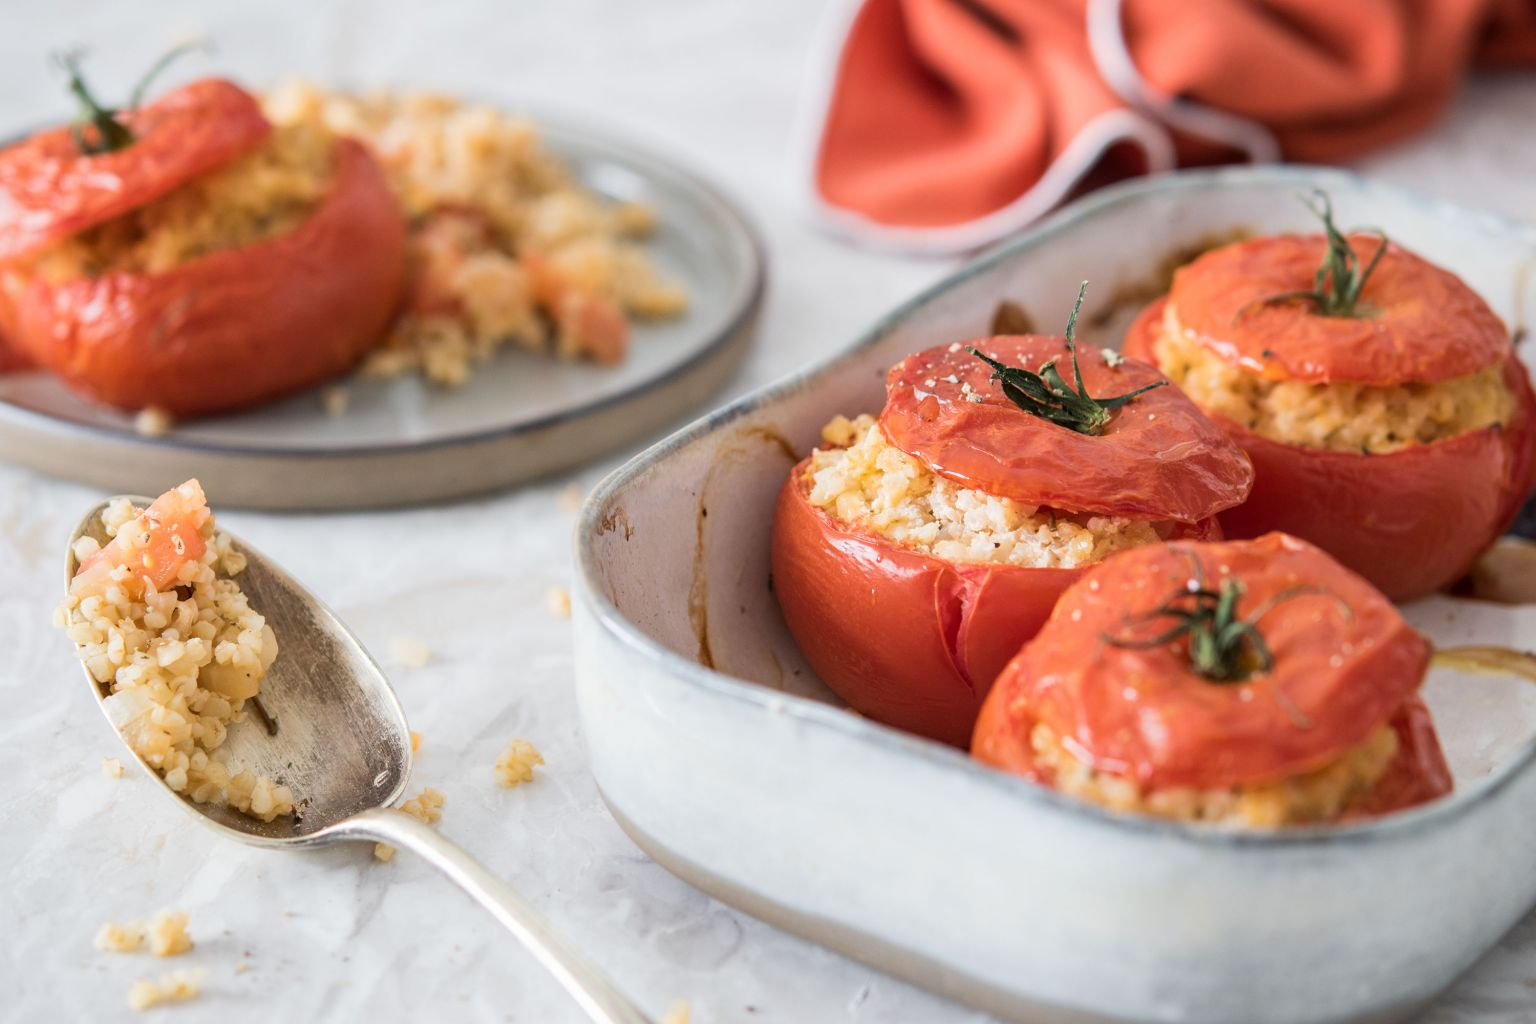 Tomates farcies au chèvre au piment et boulgour